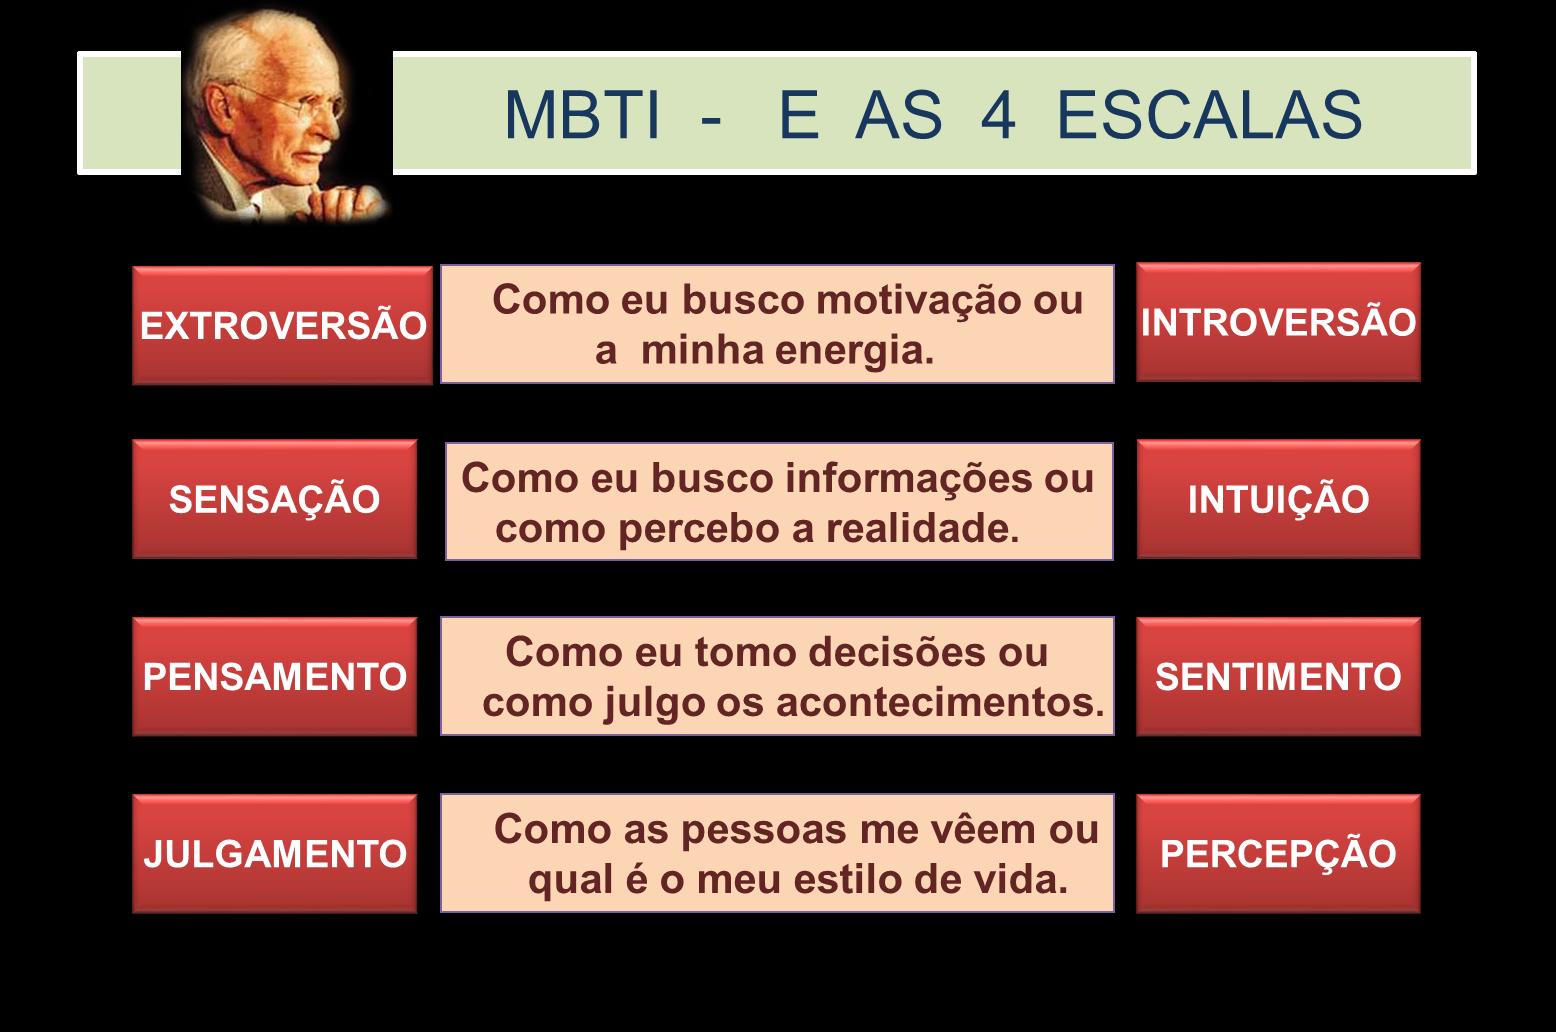 MBTI.png